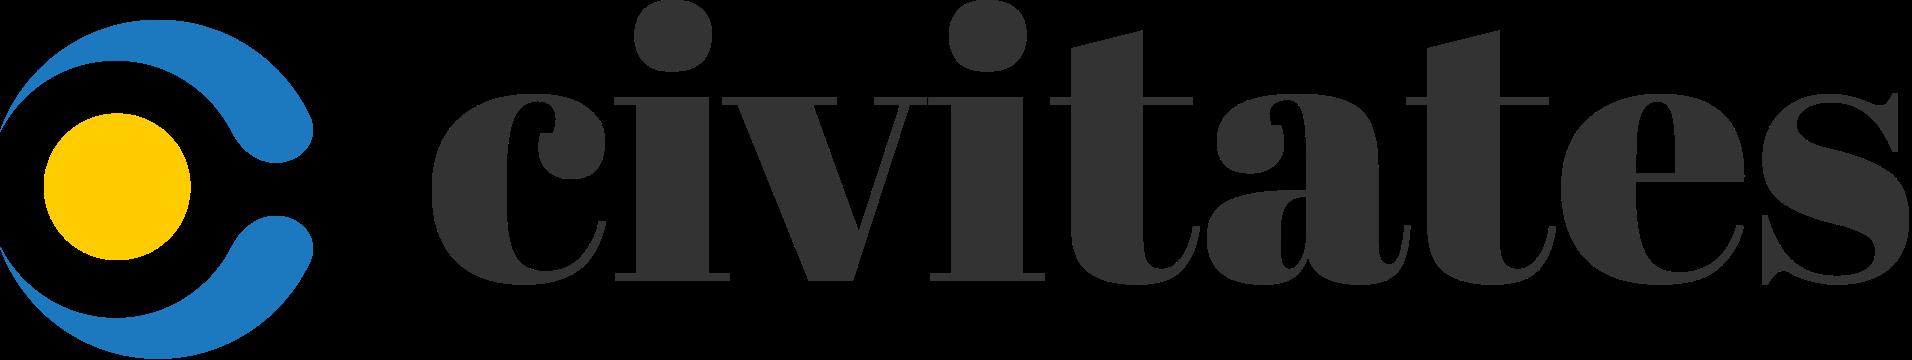 Logo CIVITATES